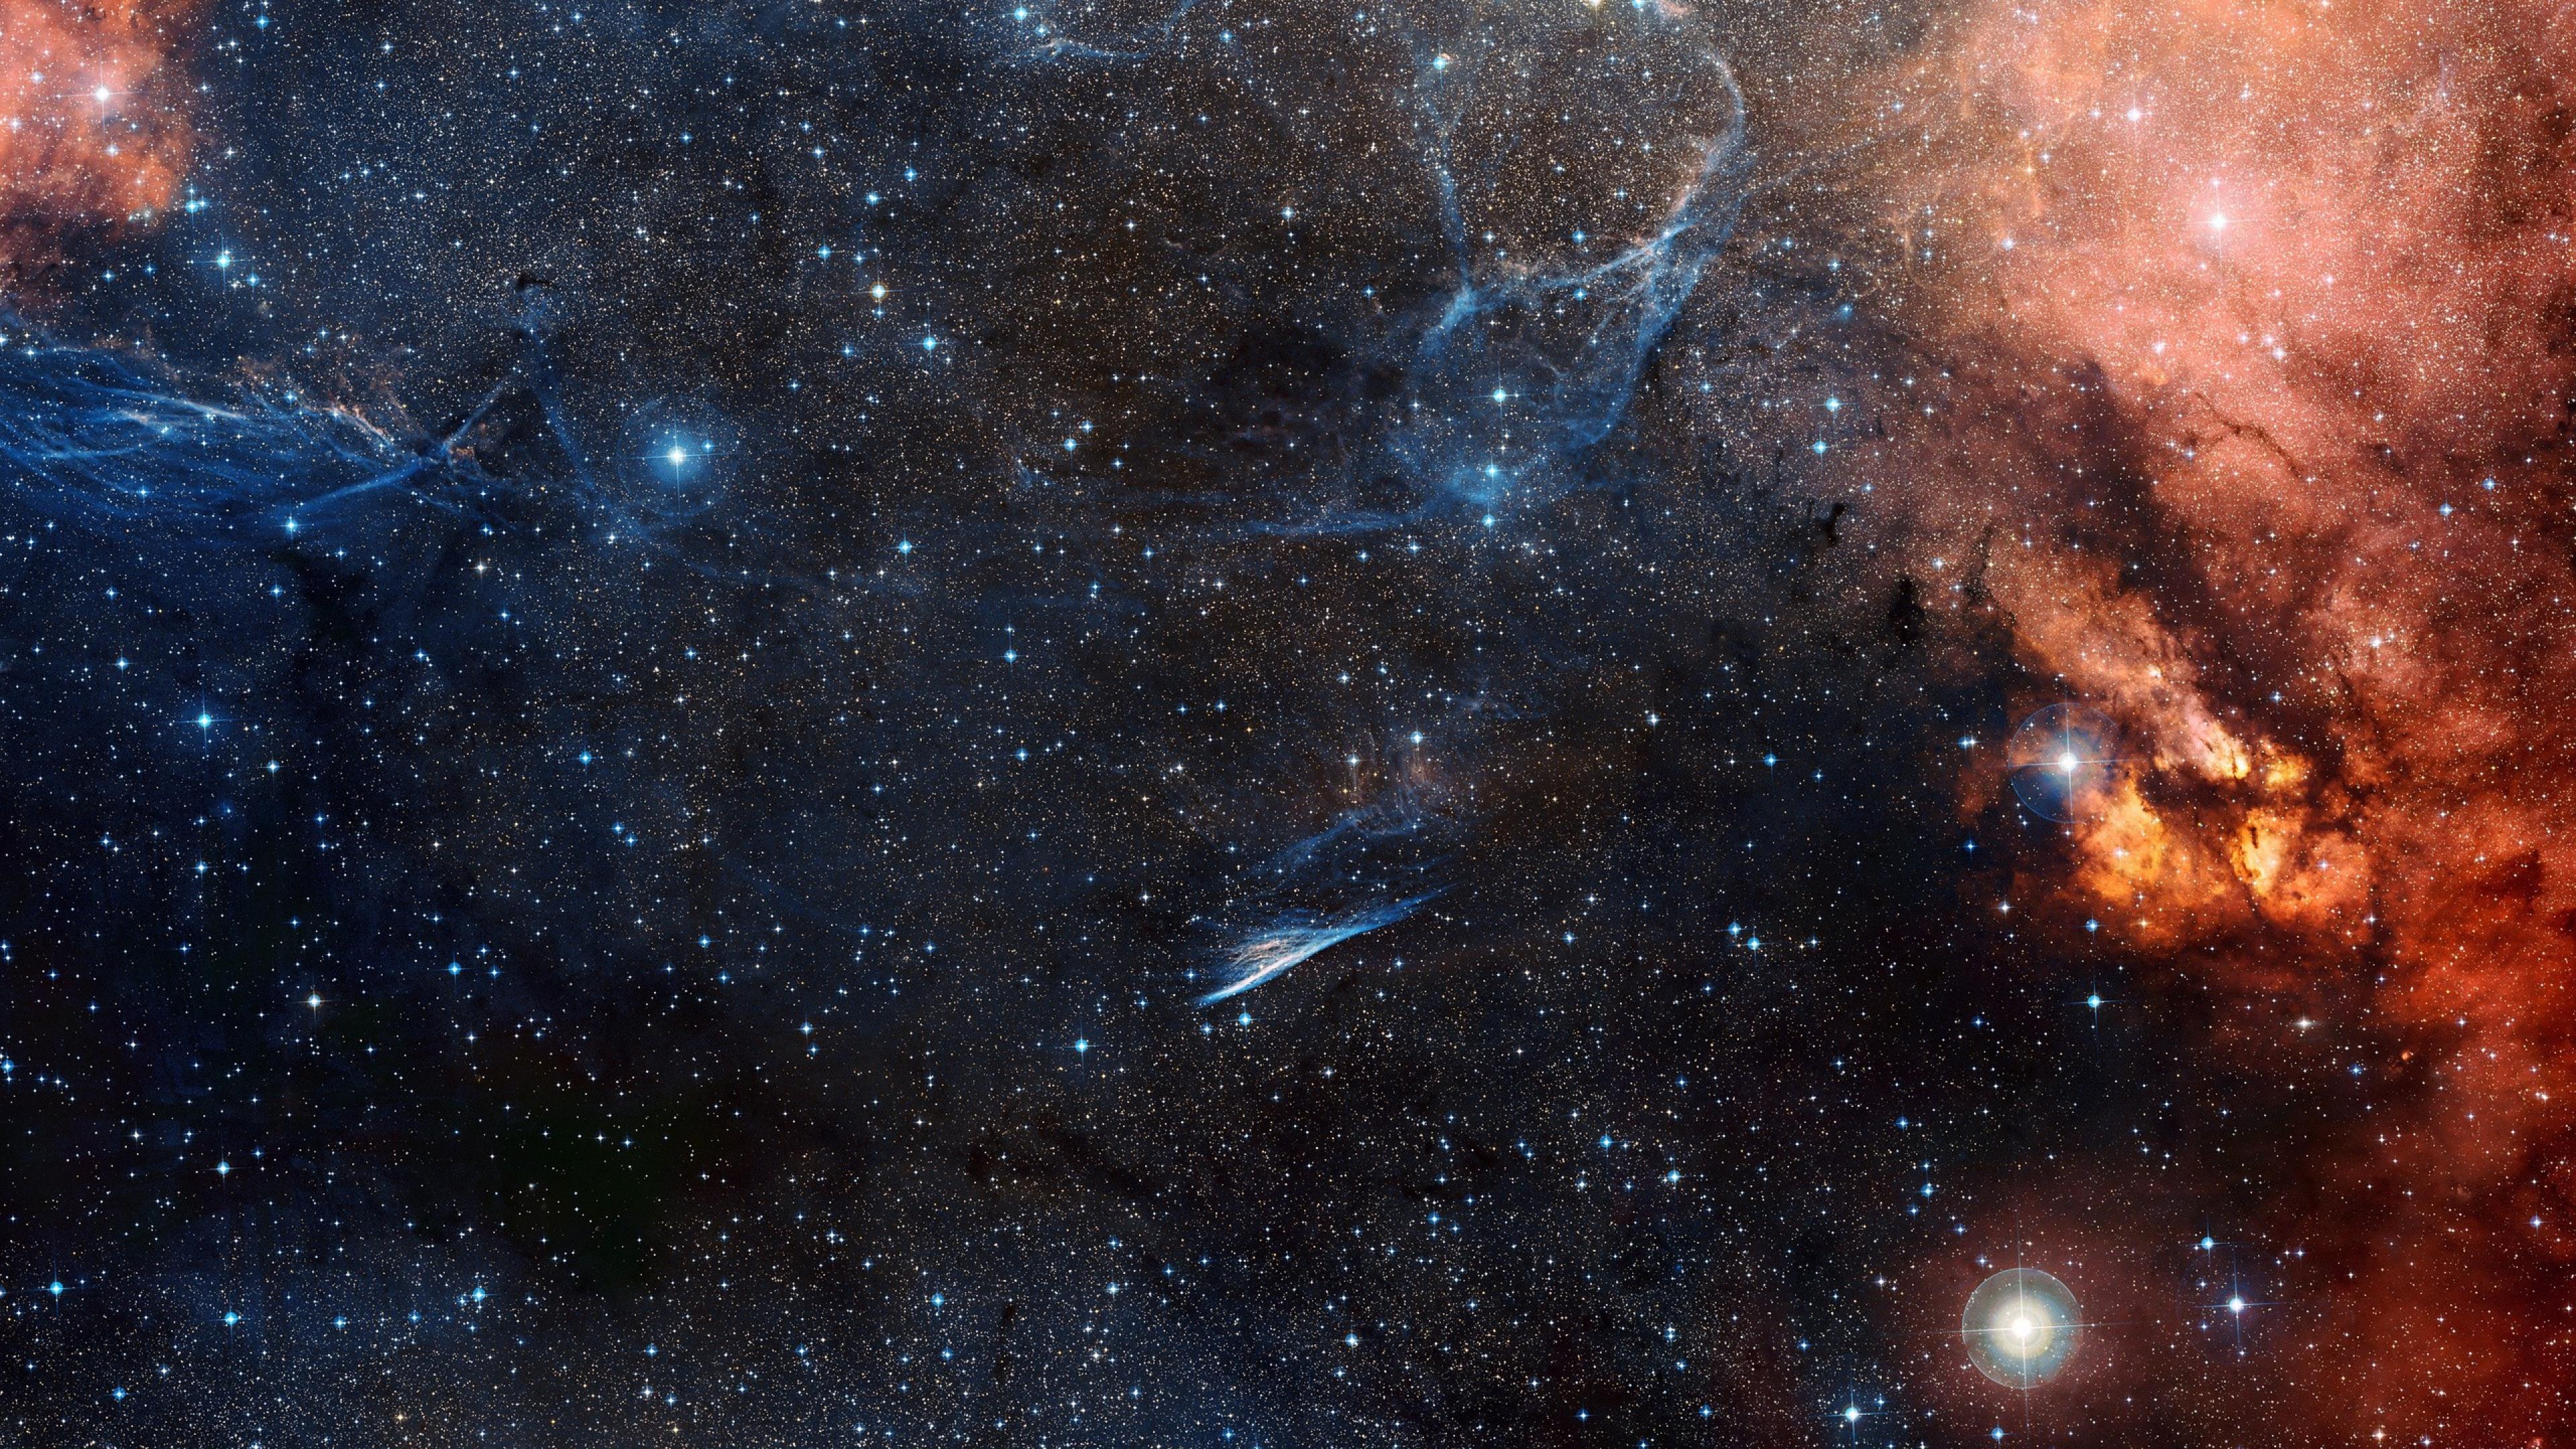 Download Wallpaper 3840x2160 Space Sky Stars 4K Ultra HD HD 3840x2160